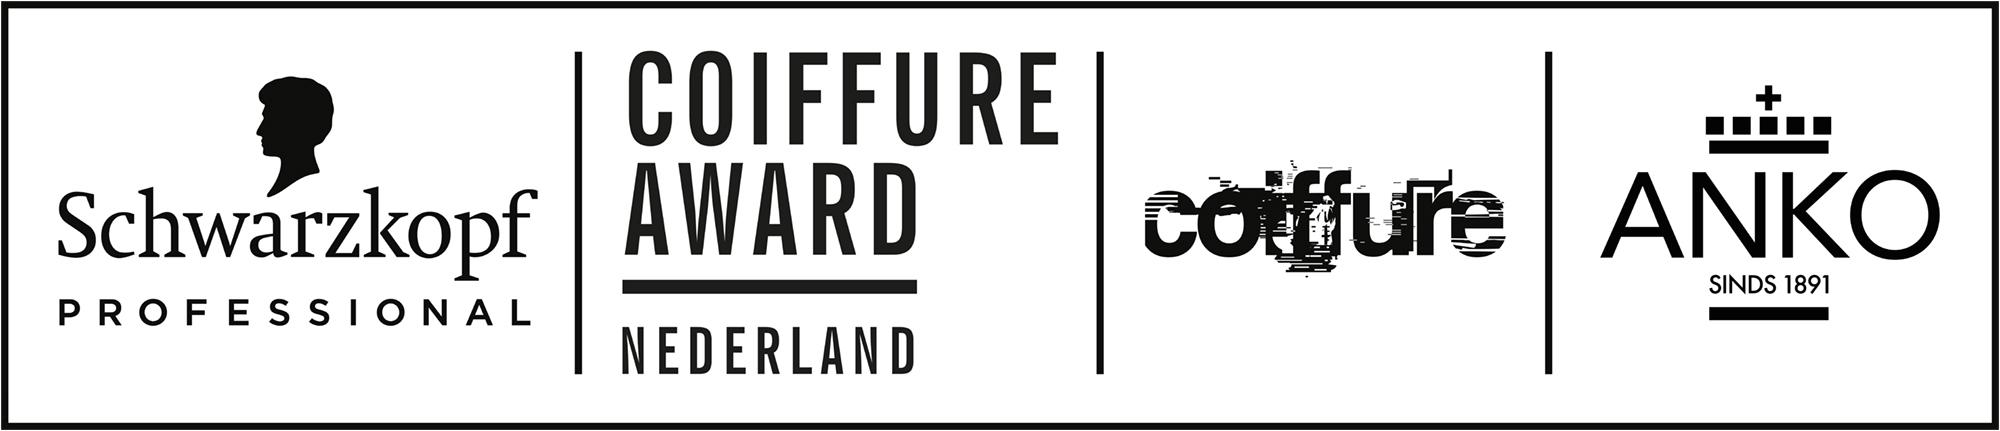 Coiffure Award Nederland